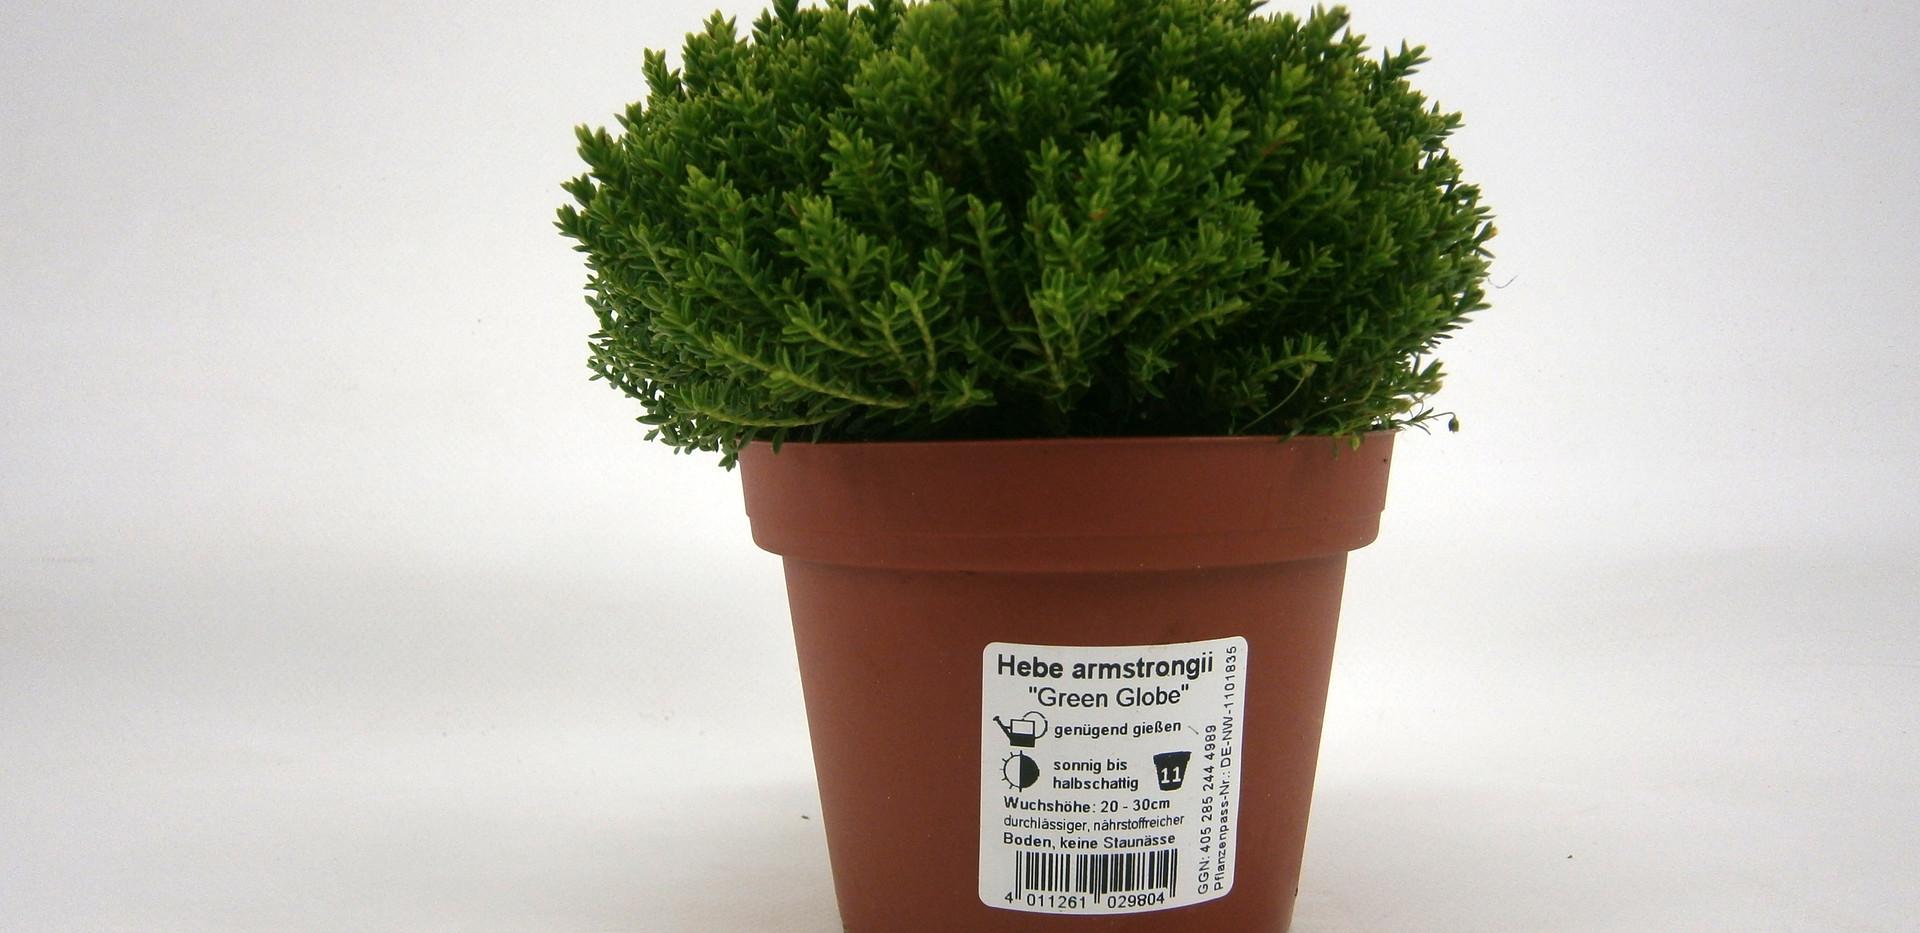 Hebe Green Globe 11 cm.jpg